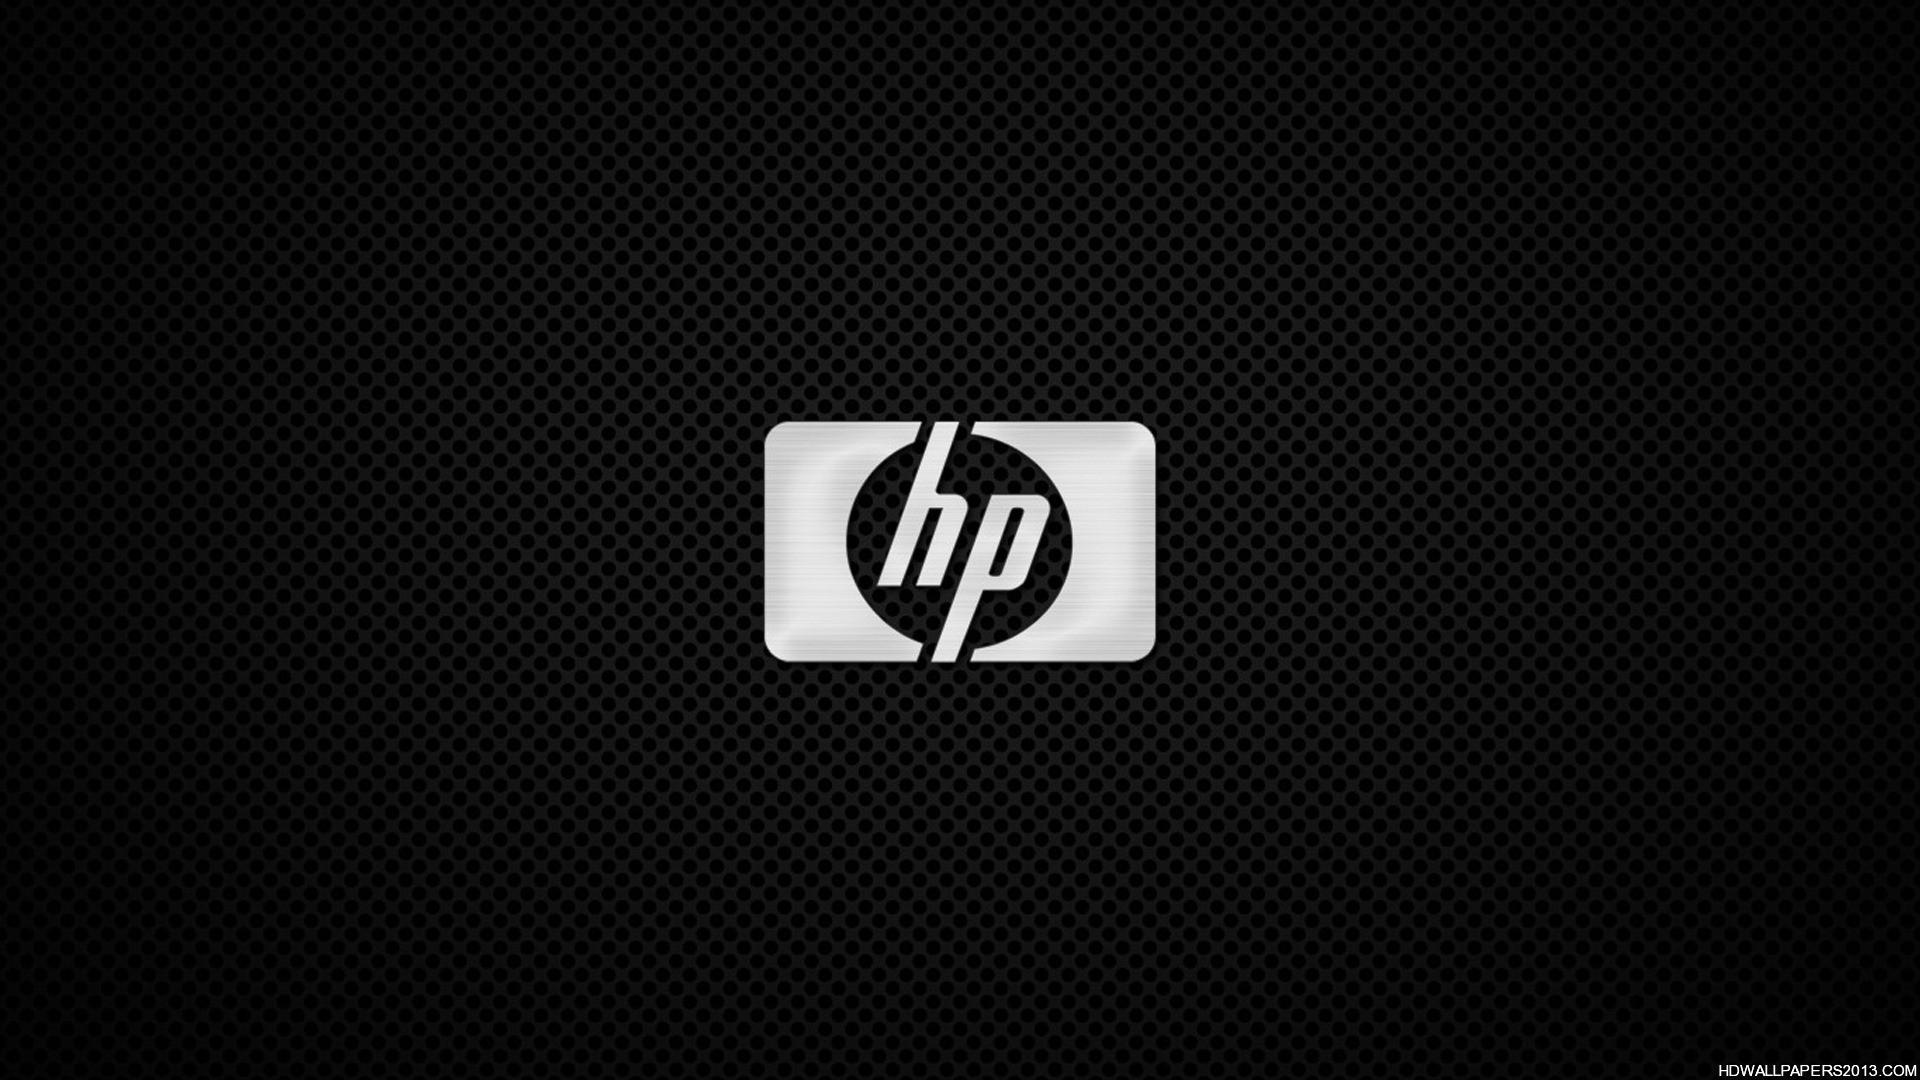 Download 54+ Wallpaper Hp Free HD Terbaru